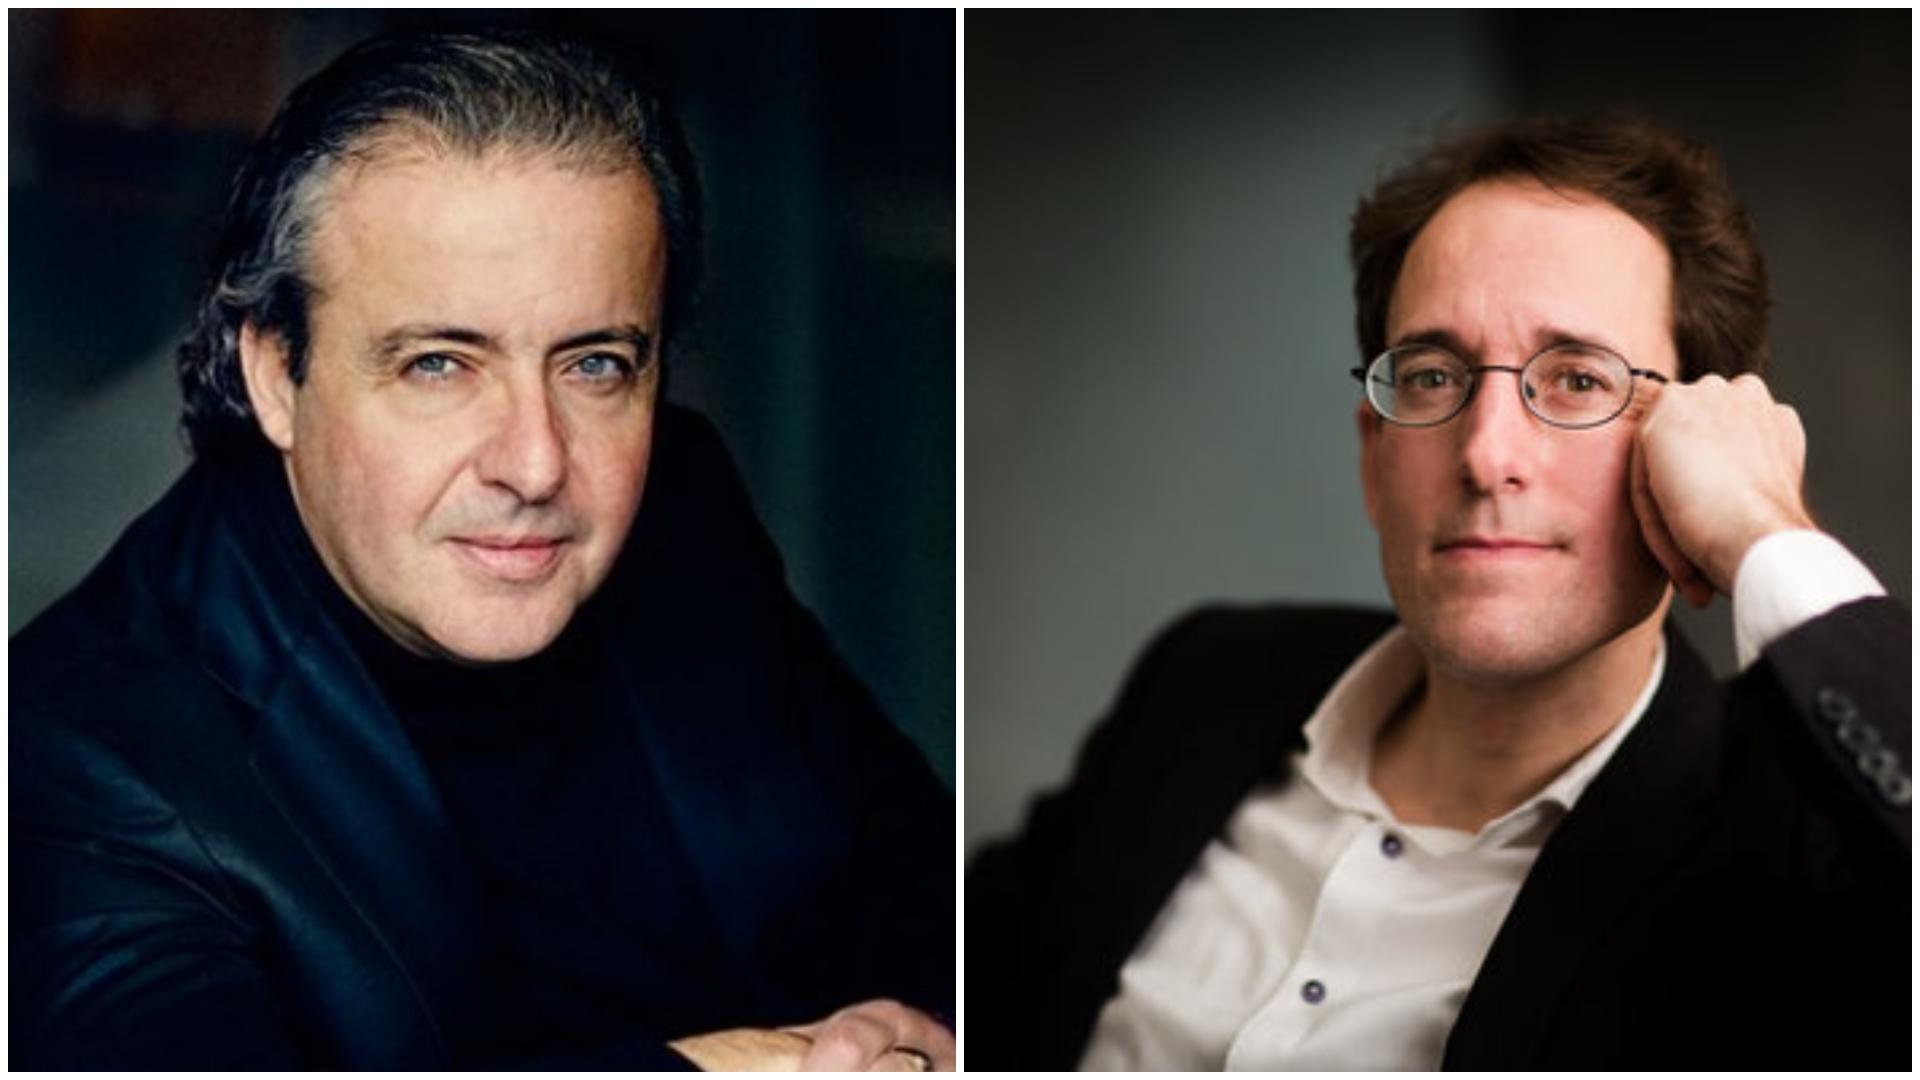 Caso Kuttenkeuler: señalan el nombramiento indebido del director de la Fundación Auditorio Teatro de Las Palmas de Gran Canaria y piden su cese